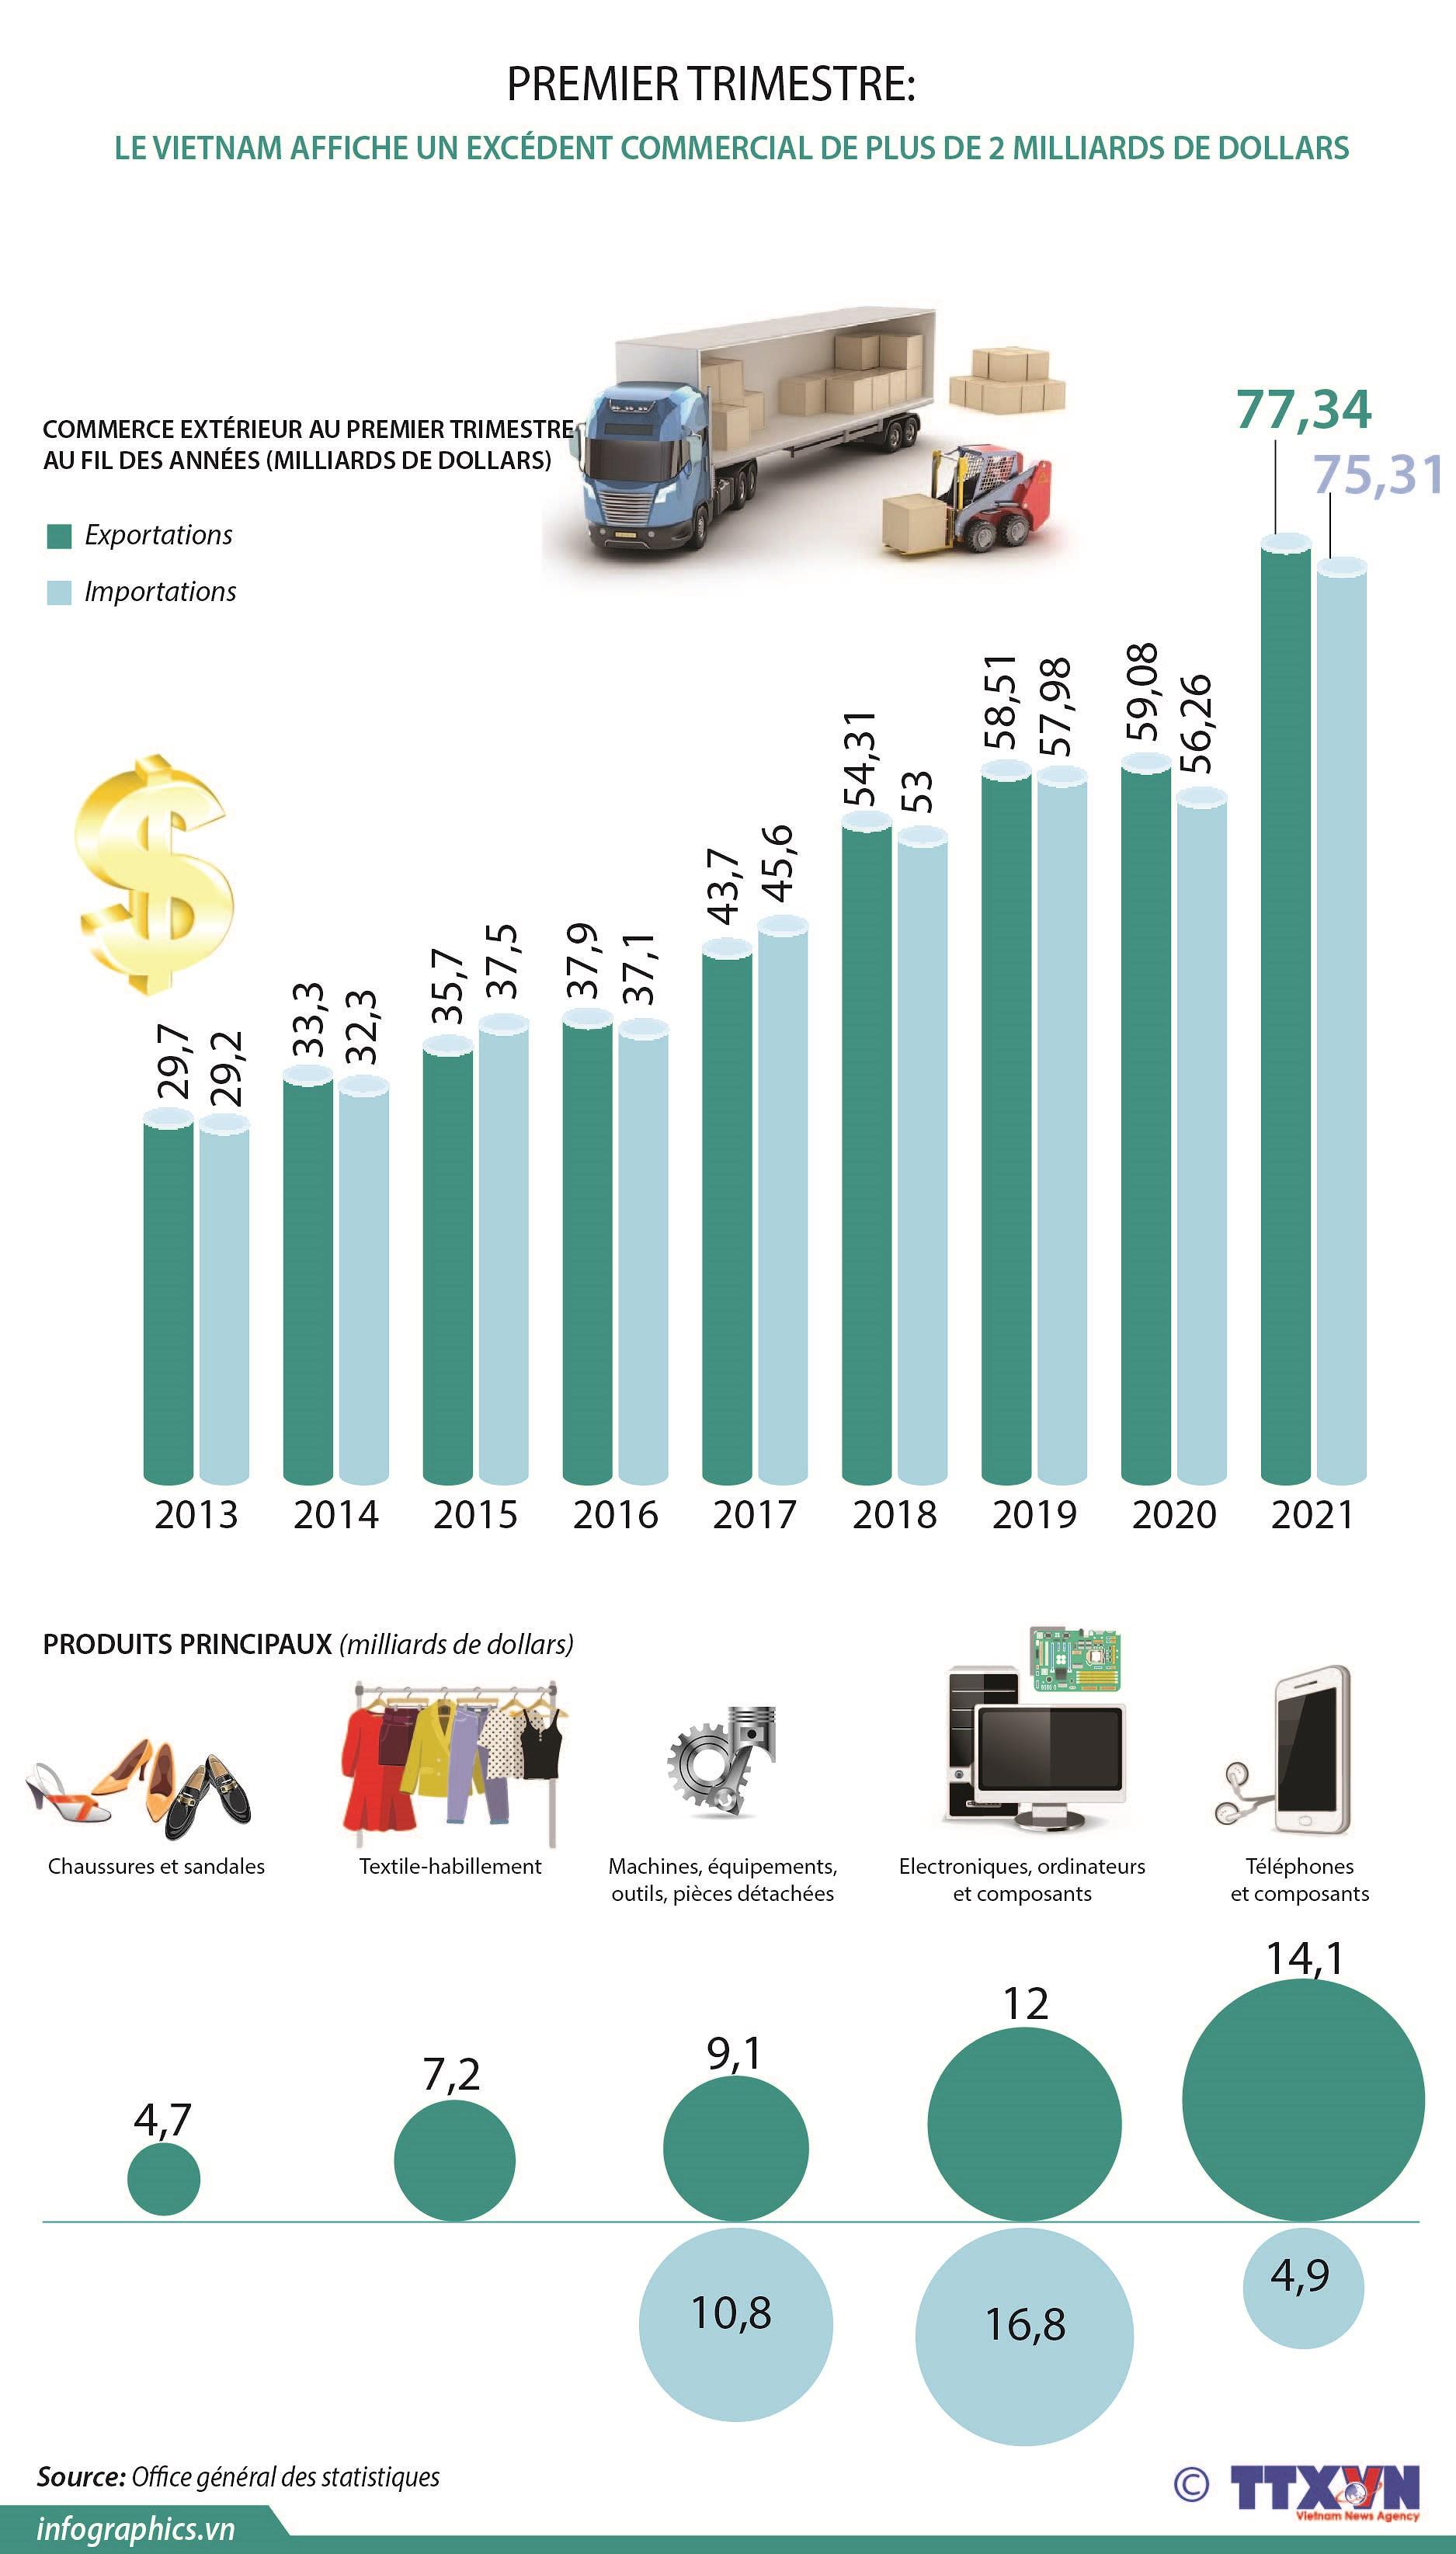 Premier trimestre: le Vietnam affiche un excedent commercial de plus de 2 milliards de dollars hinh anh 1